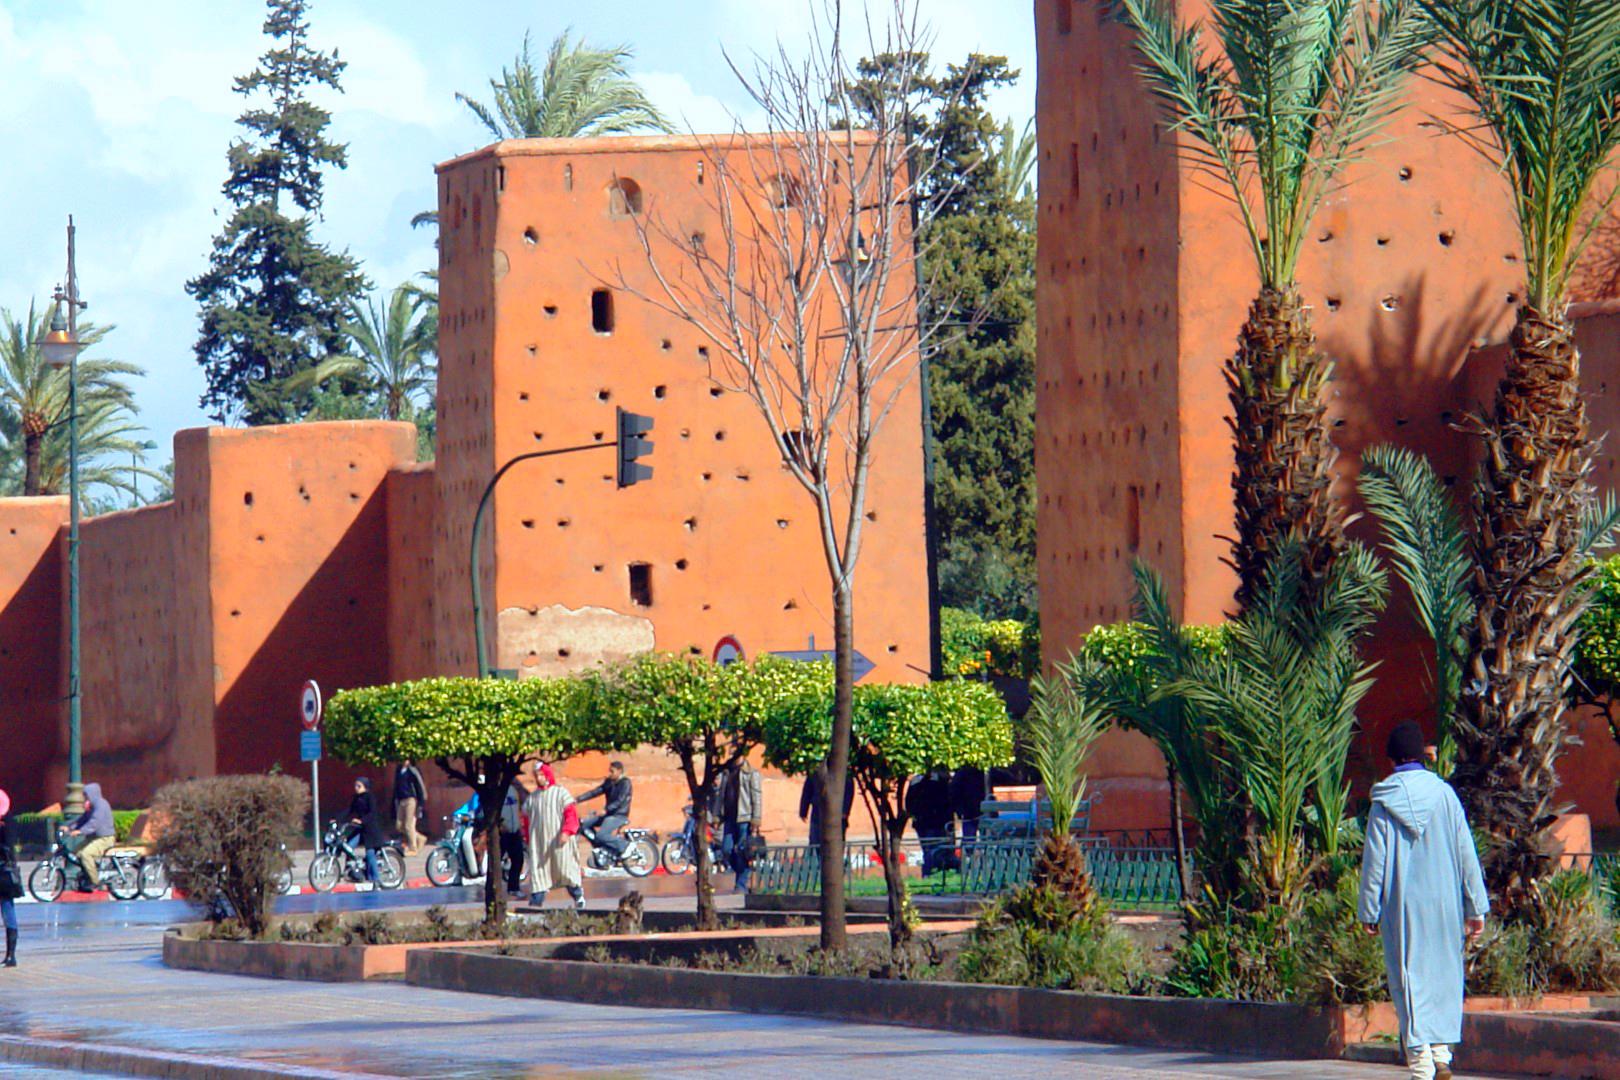 Qué ver en Marrakech, Marruecos - Morocco qué ver en marrakech - 31035424555 ebbf5ac07c o - Qué ver en Marrakech, Marruecos